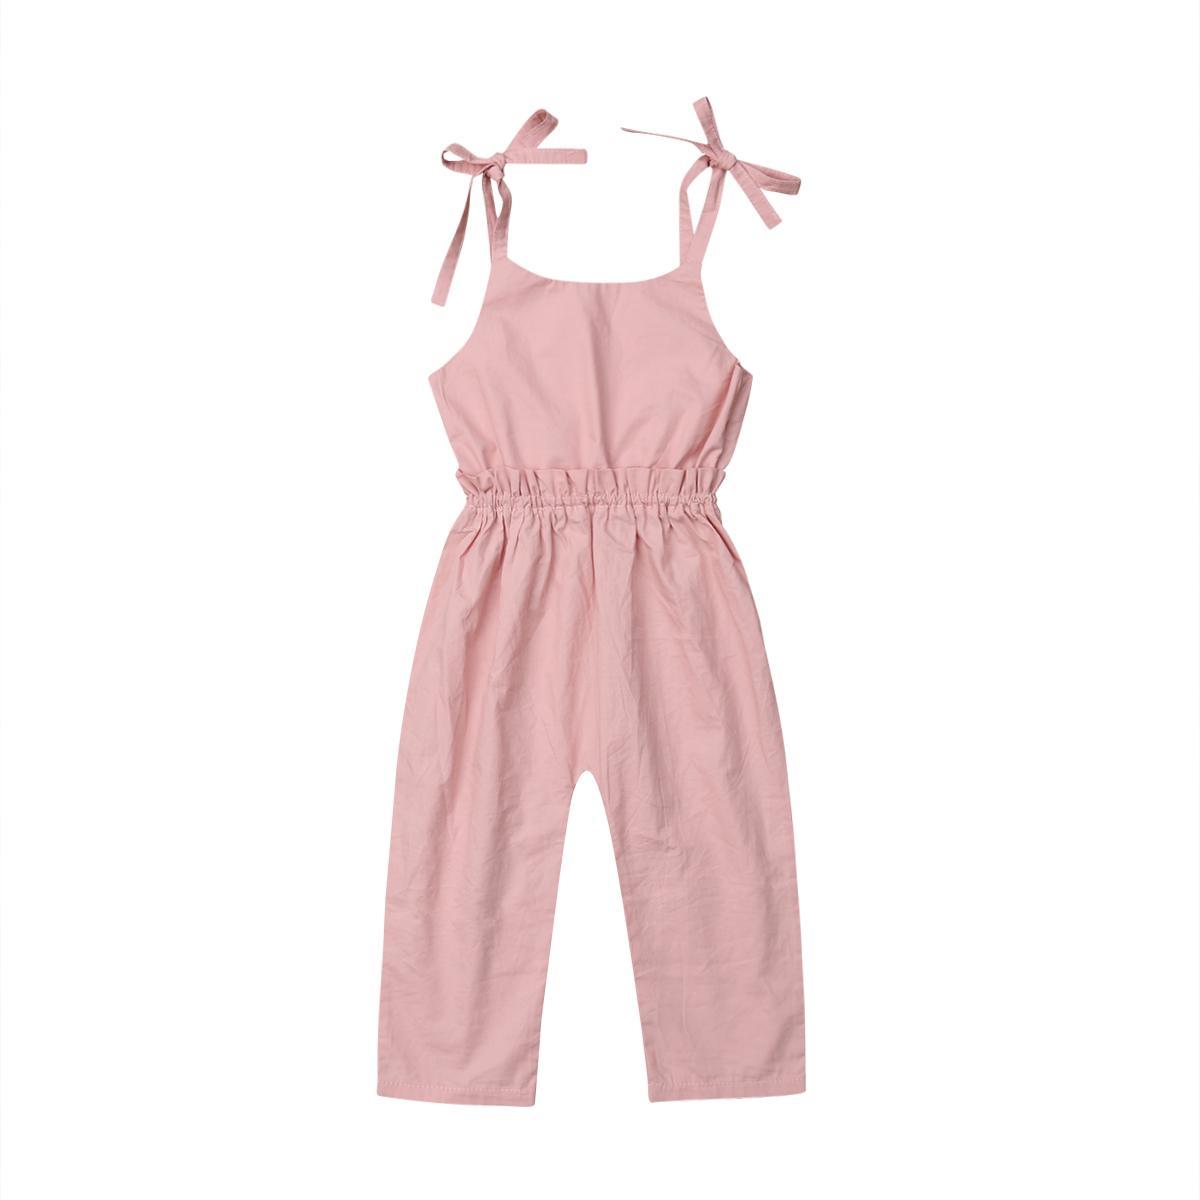 Neugeborene Kleinkind-Baby-Sommer-Backless Bügel-Rüschen Spielanzug-Overall Playsuit Baumwollbeiläufiges Baby-Kleidung 0-4Y